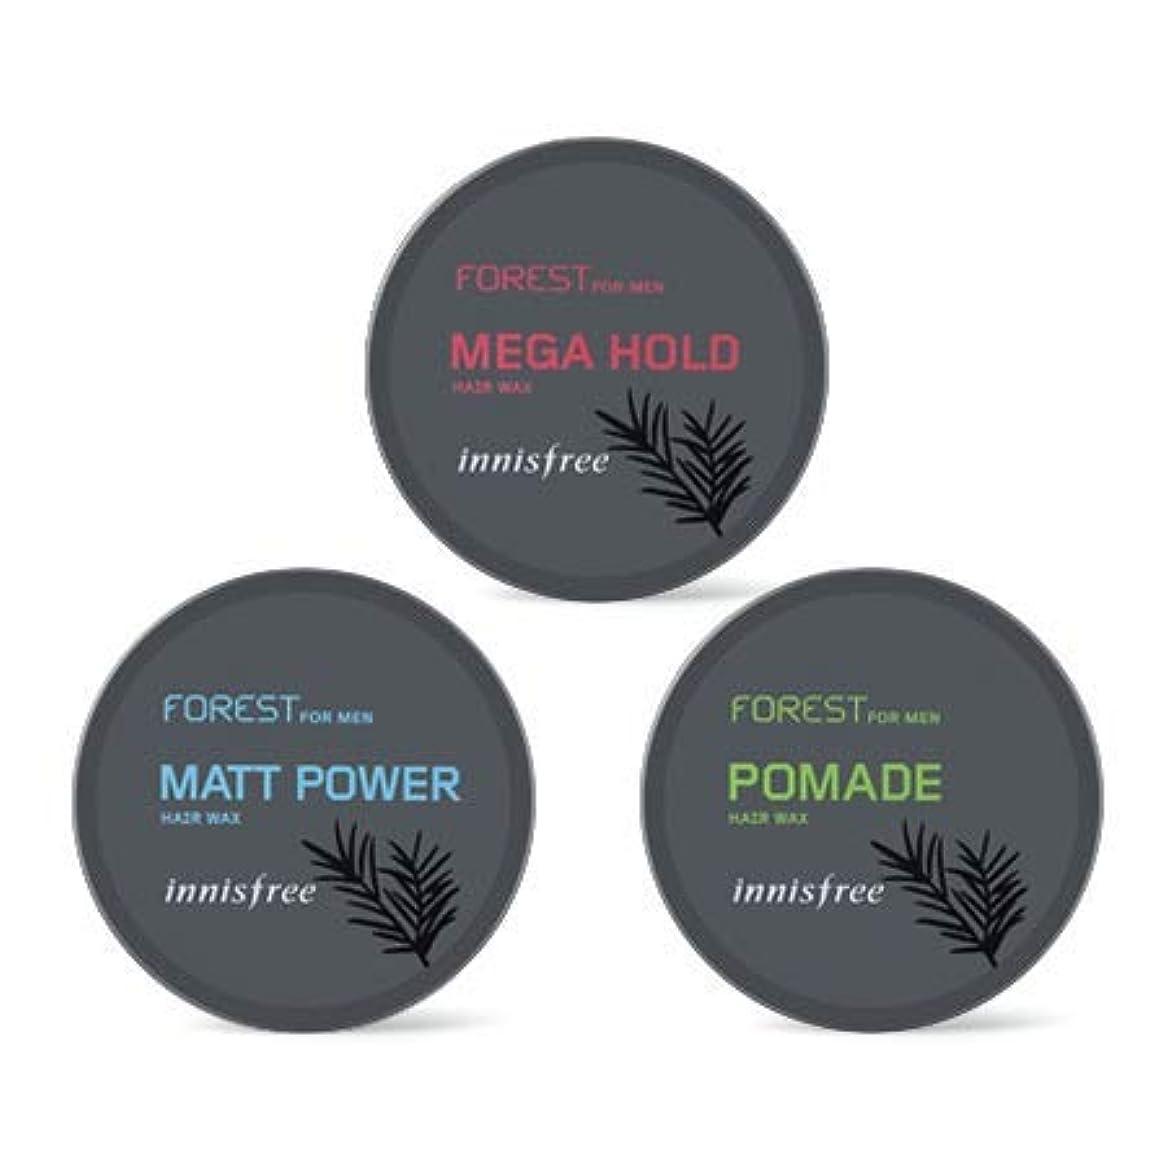 スパイラル無視できる木曜日[イニスフリー.INNISFREE](公式)フォレストフォアマンヘアワックス(3種)/ Forest For Men Hair Wax(60G、3 kind) (# mega hold)